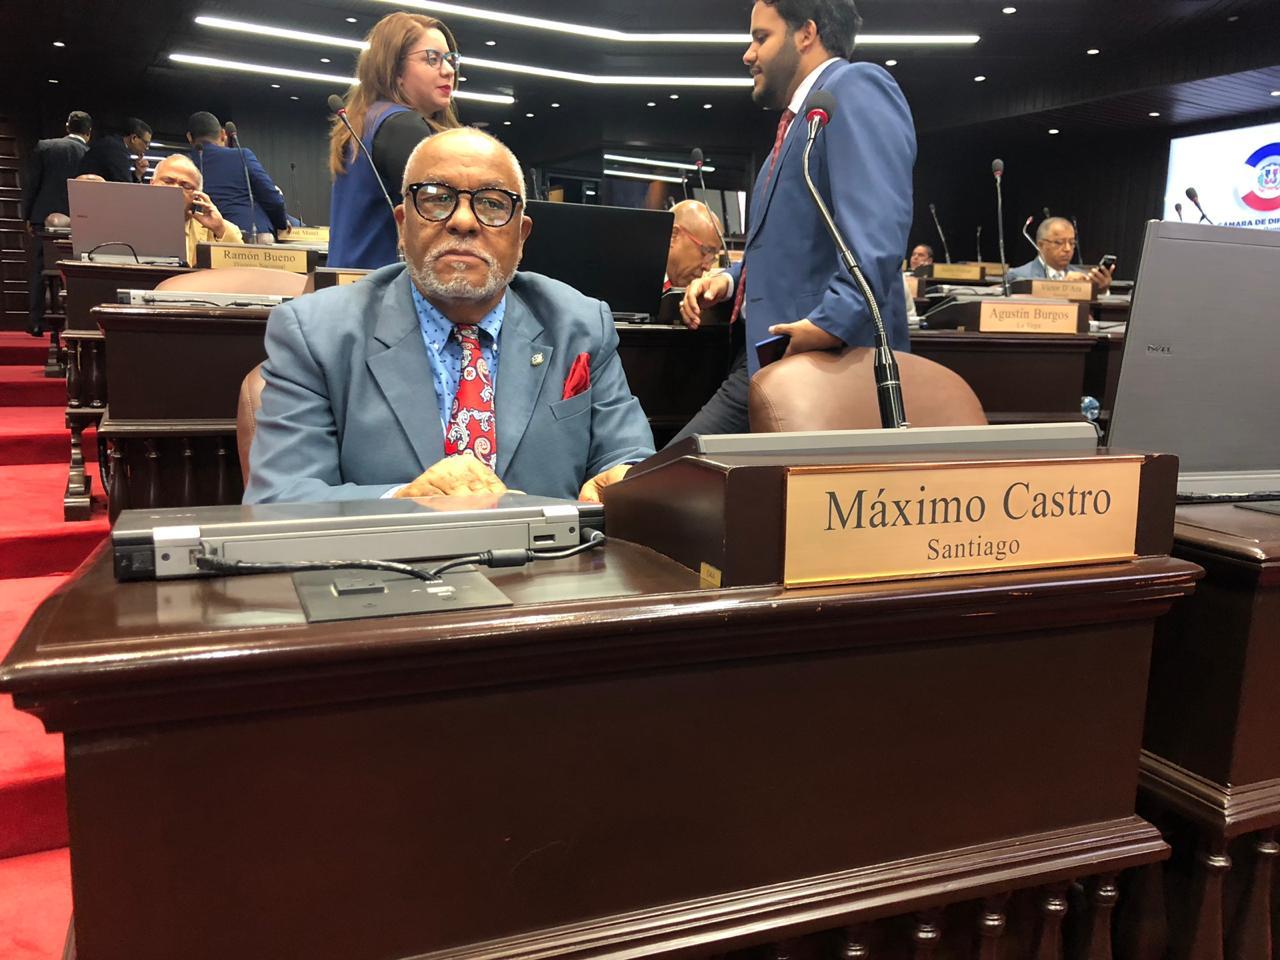 El diputado y vocero del Partido Reformista Social Cristiano (PRSC) en la Cámara Baja, Máximo Castro Silverio. Foto Ndigital